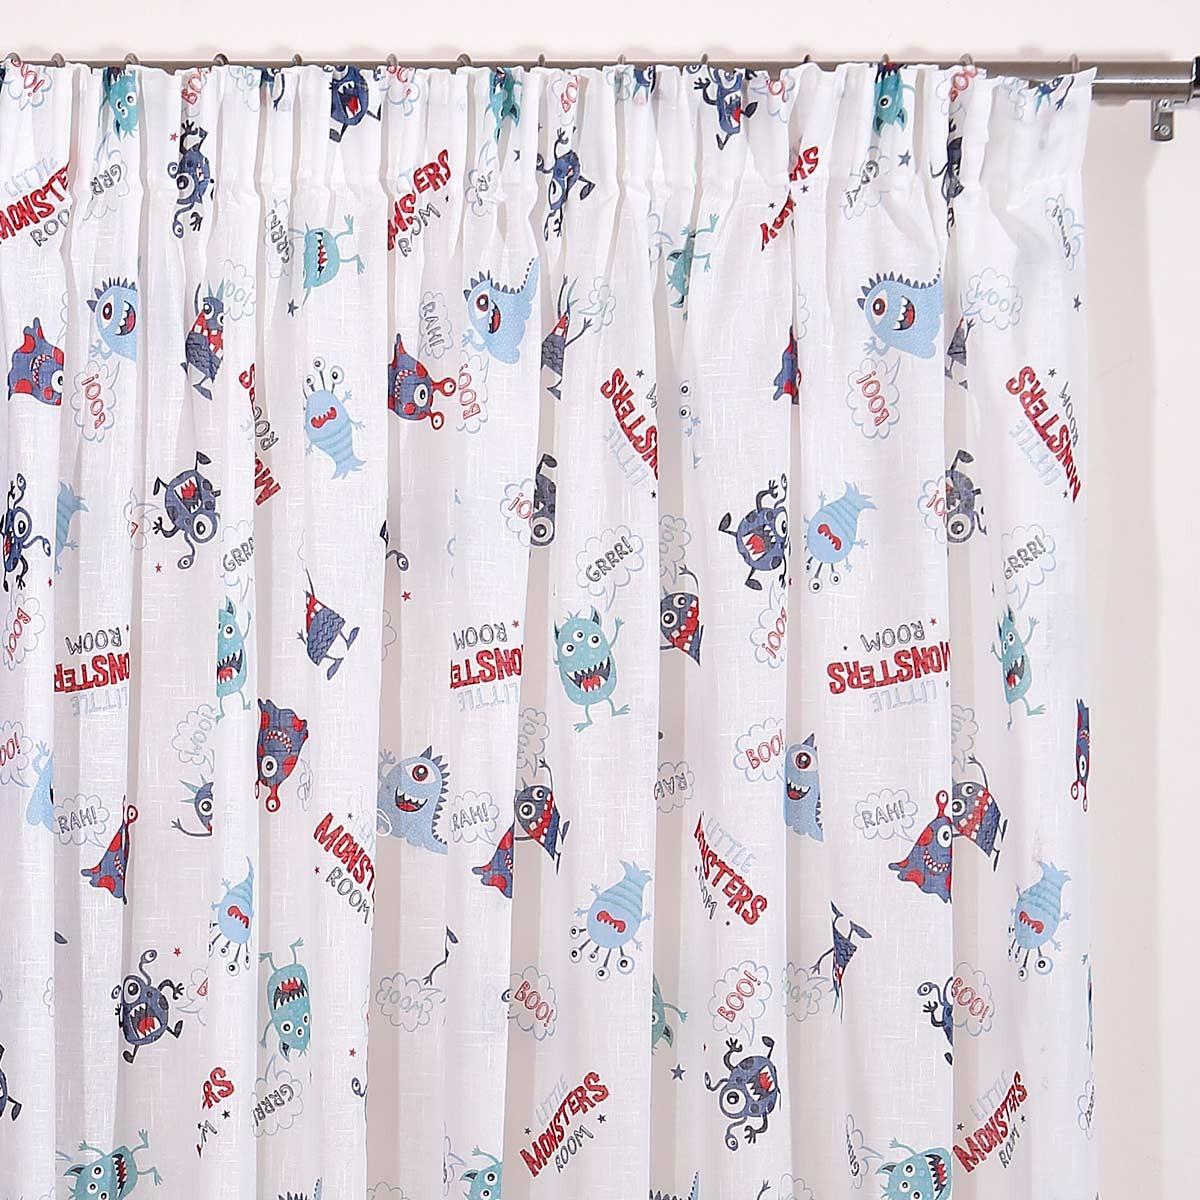 Παιδική Κουρτίνα (280x270) Viopros Curtains Γάζα Έλιοτ